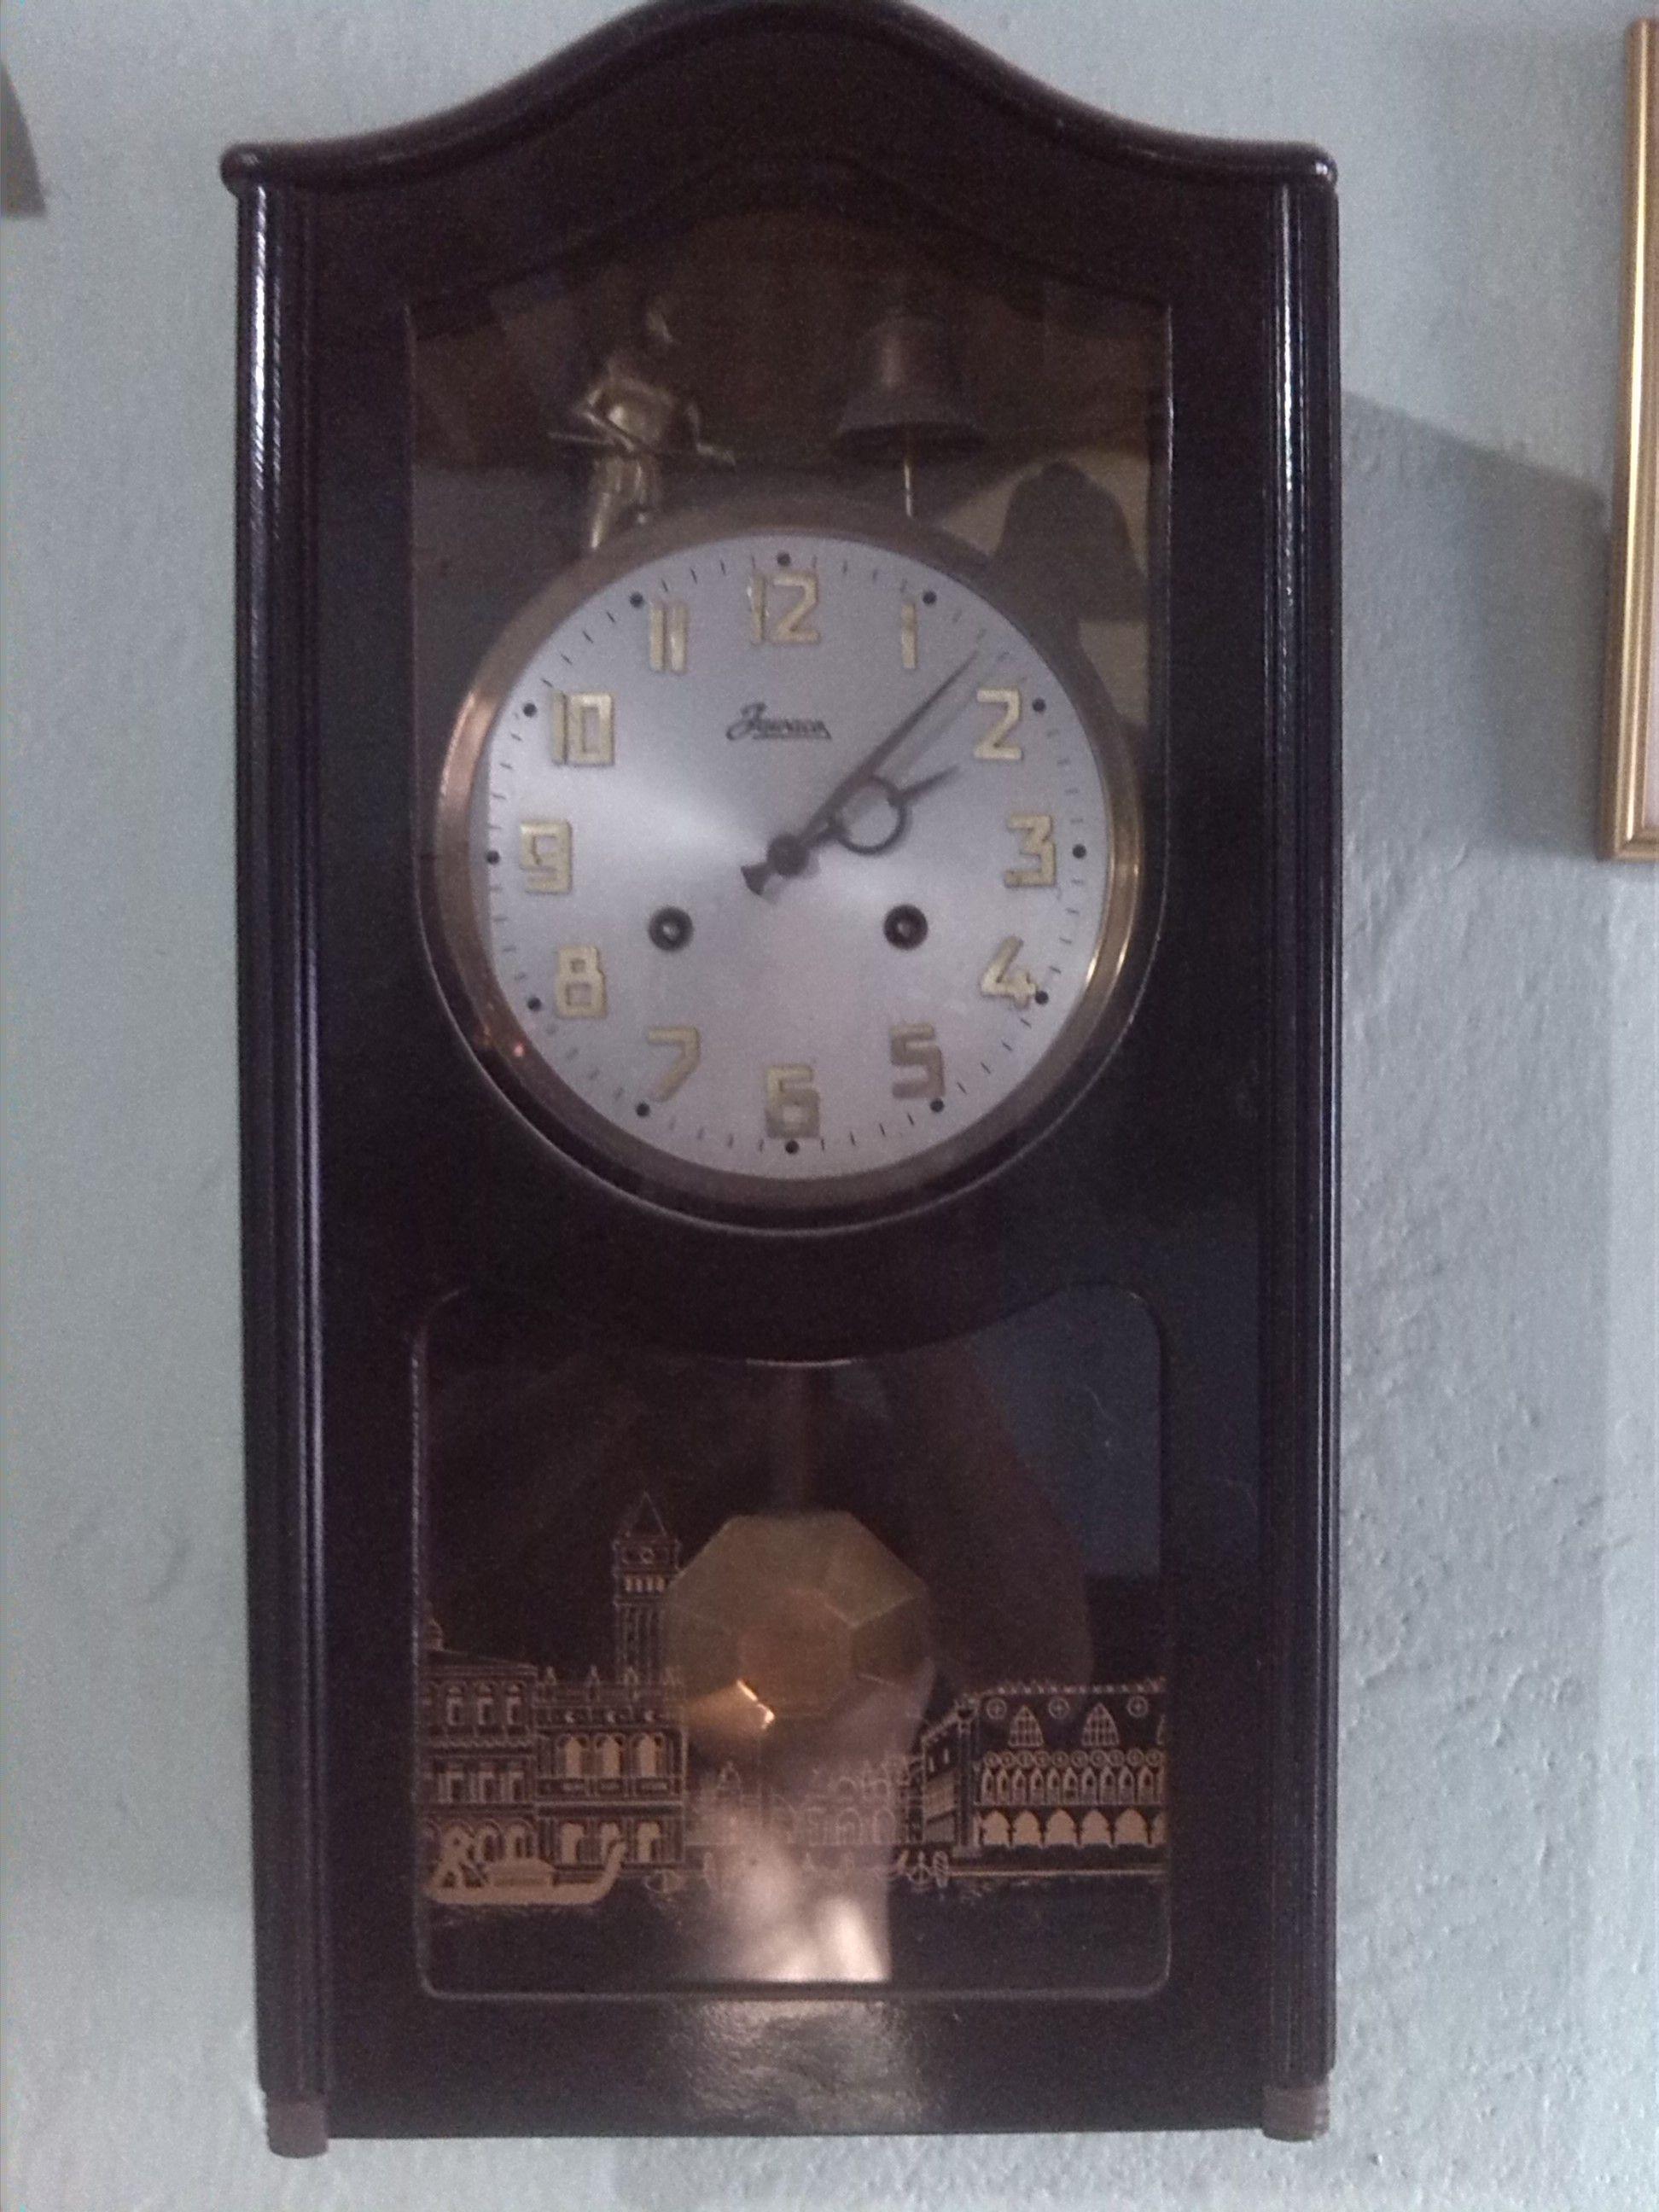 Linea De Koreanos Campanero Antiguos Reloj JawacoRelojes Los 5LA34jR